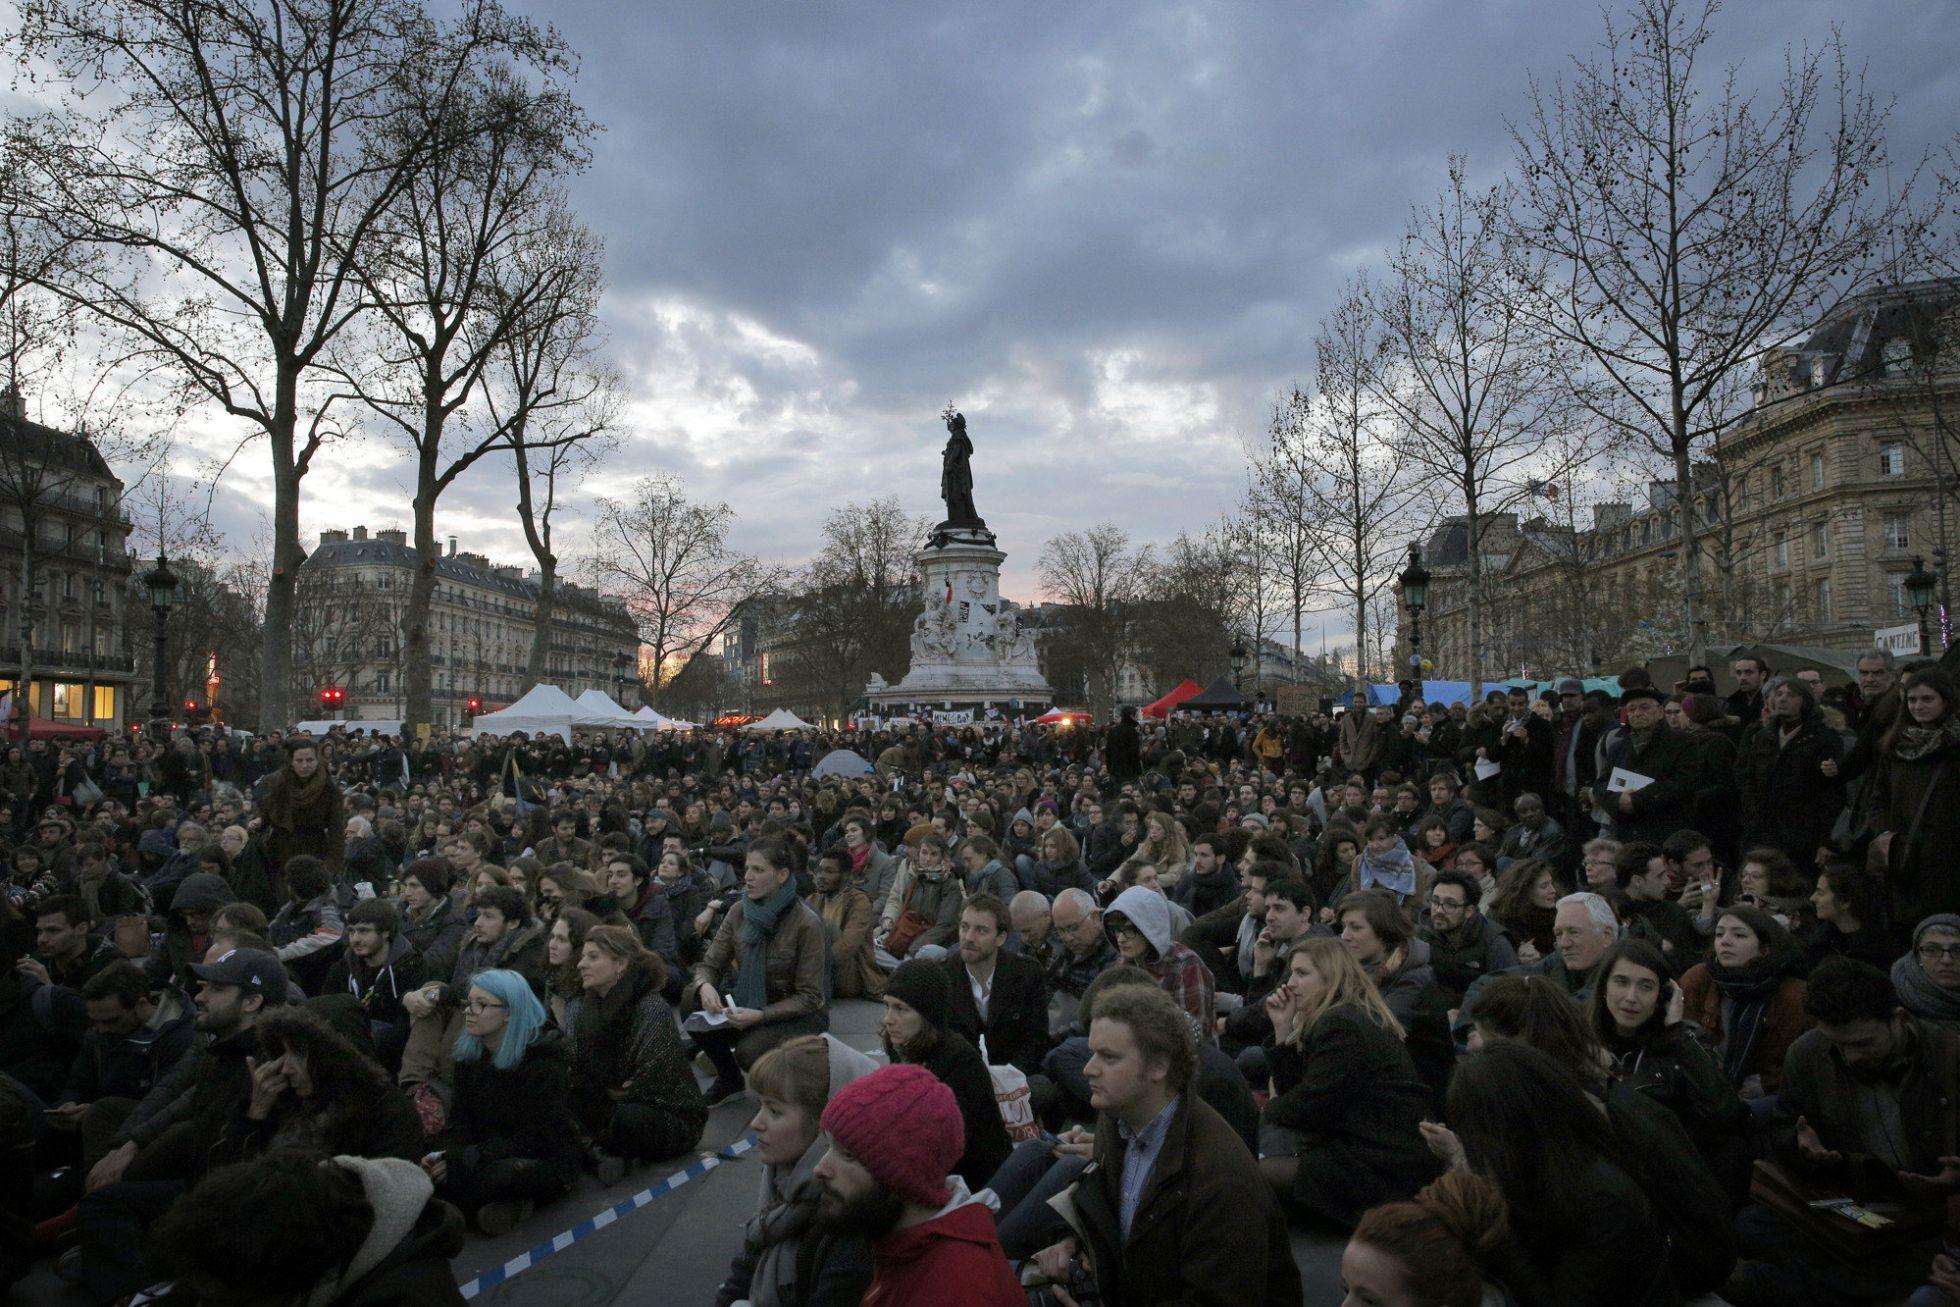 Francia. Capitalismo, luchas y movimientos.   - Página 6 1460121318_926332_1460121467_noticia_normal_recorte1